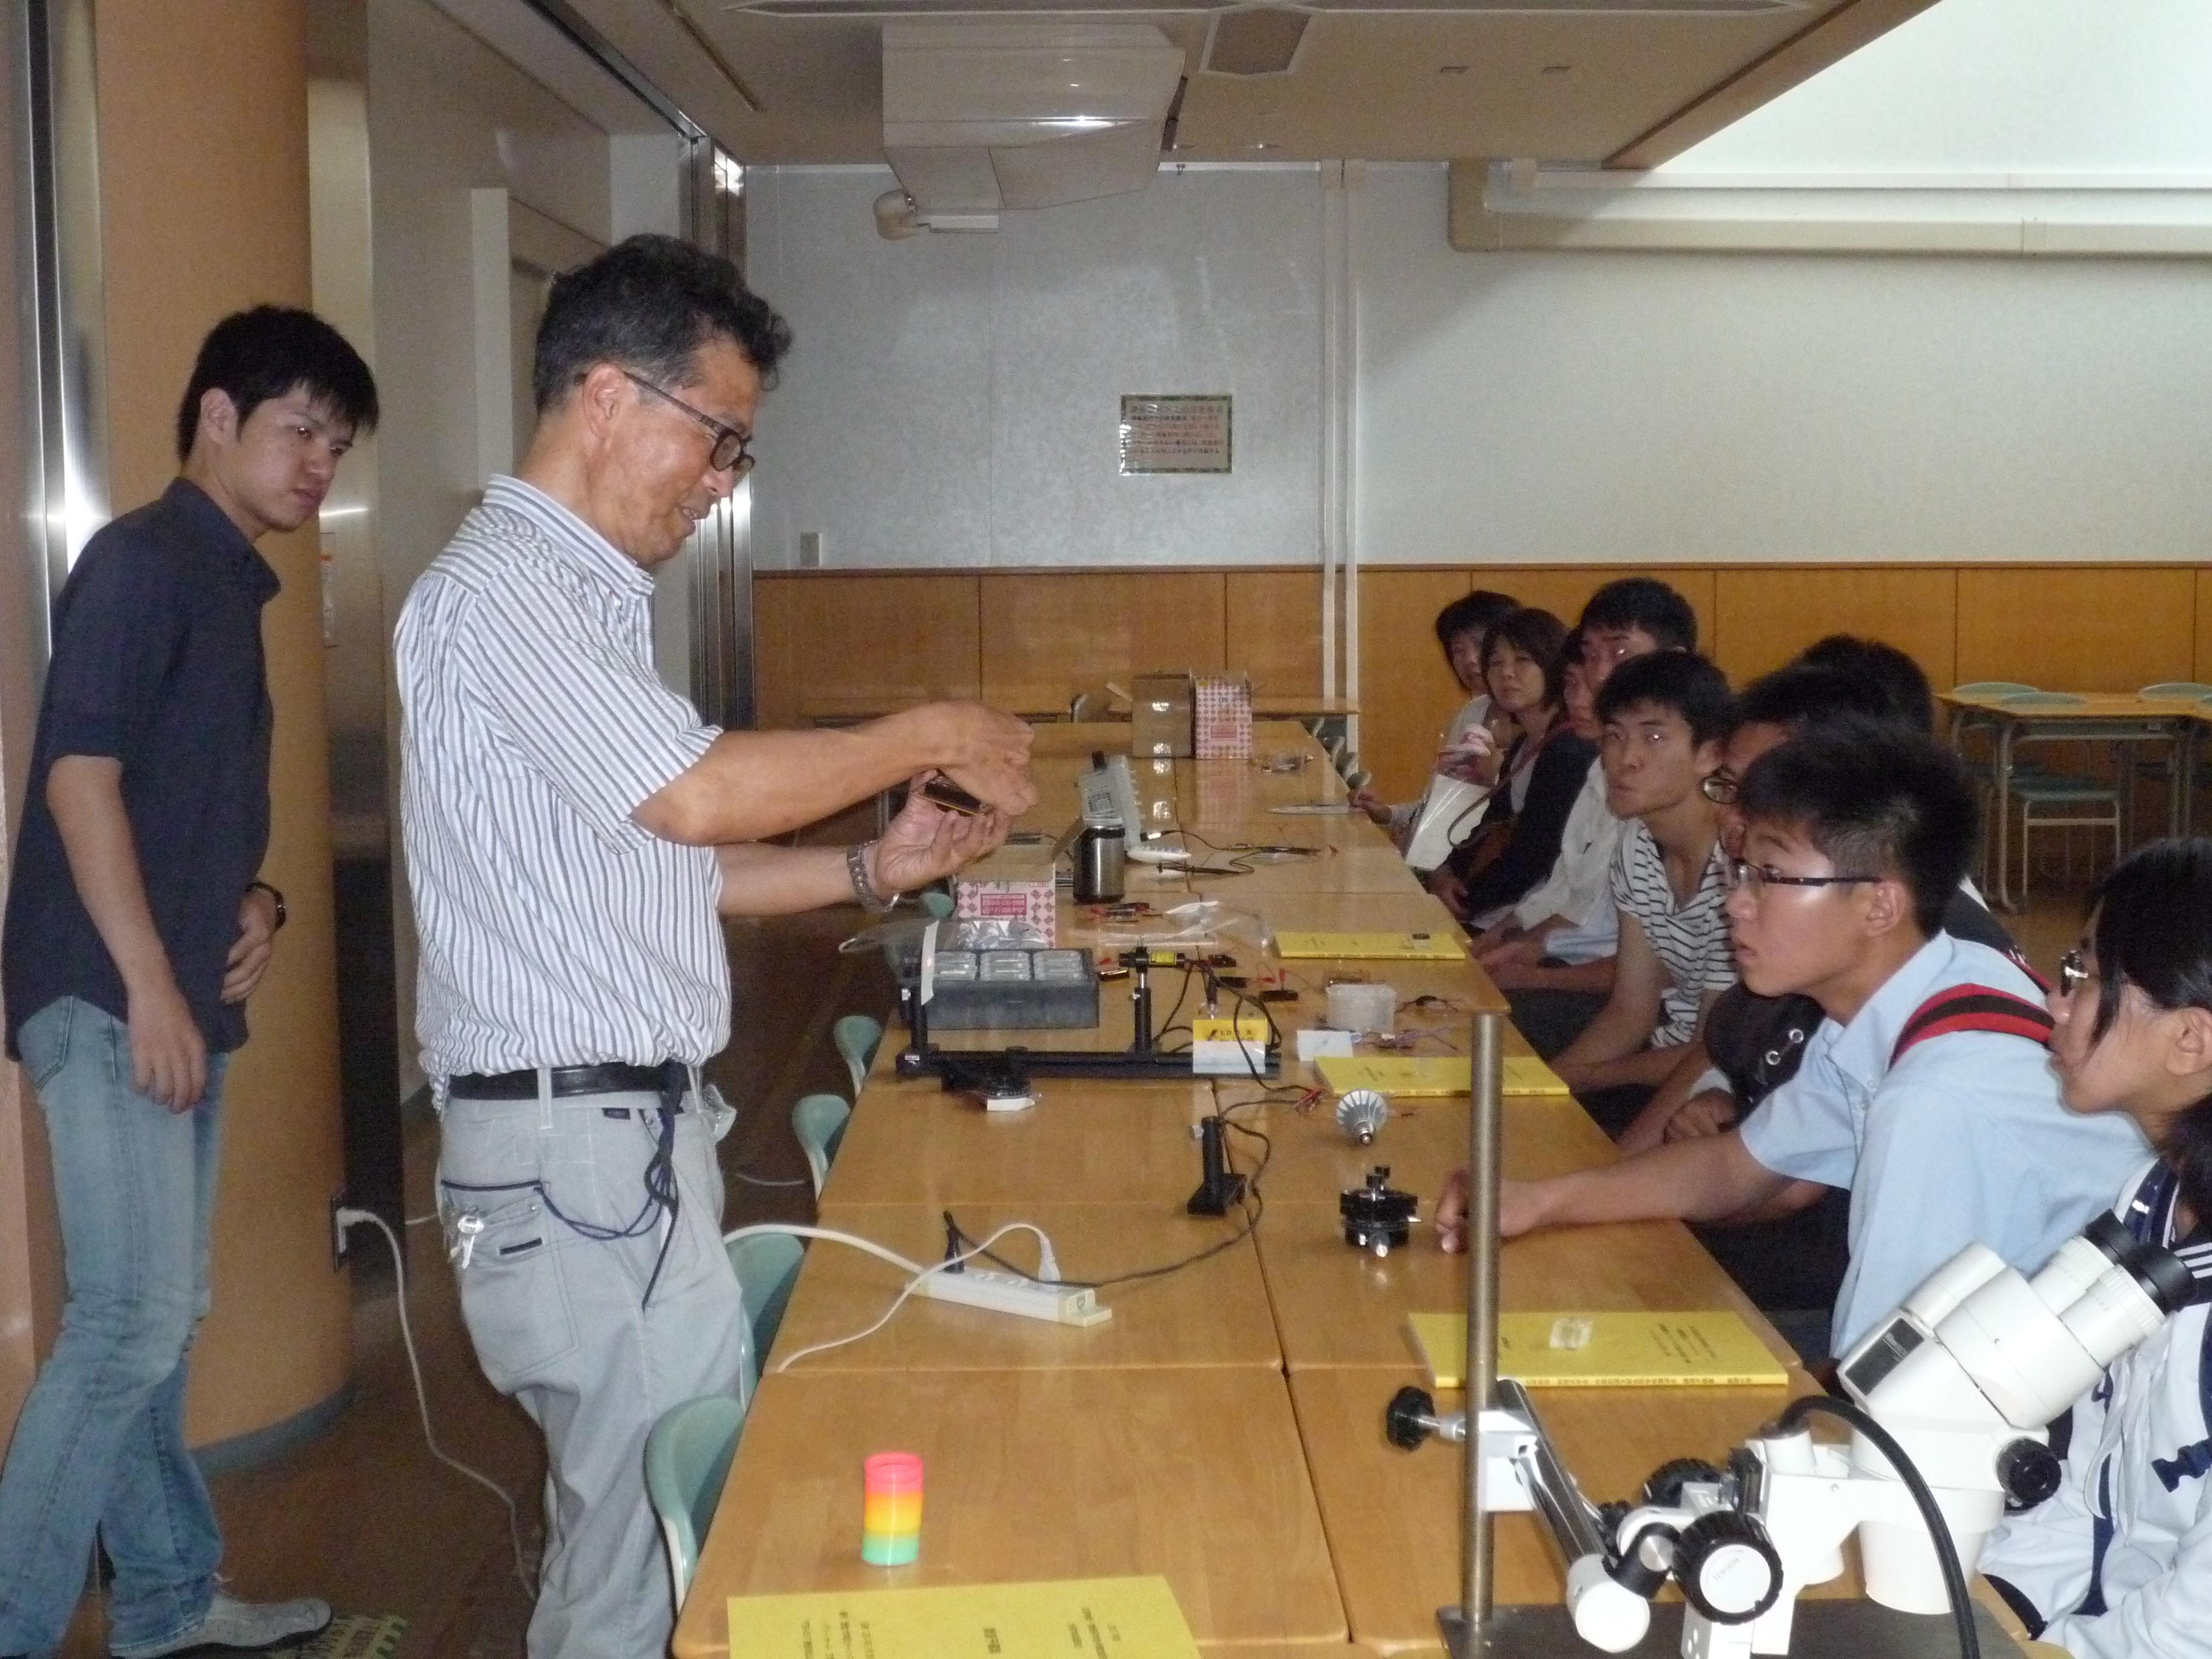 電気電子工学科の学科体験「半導体発光素子」の実験の様子です。